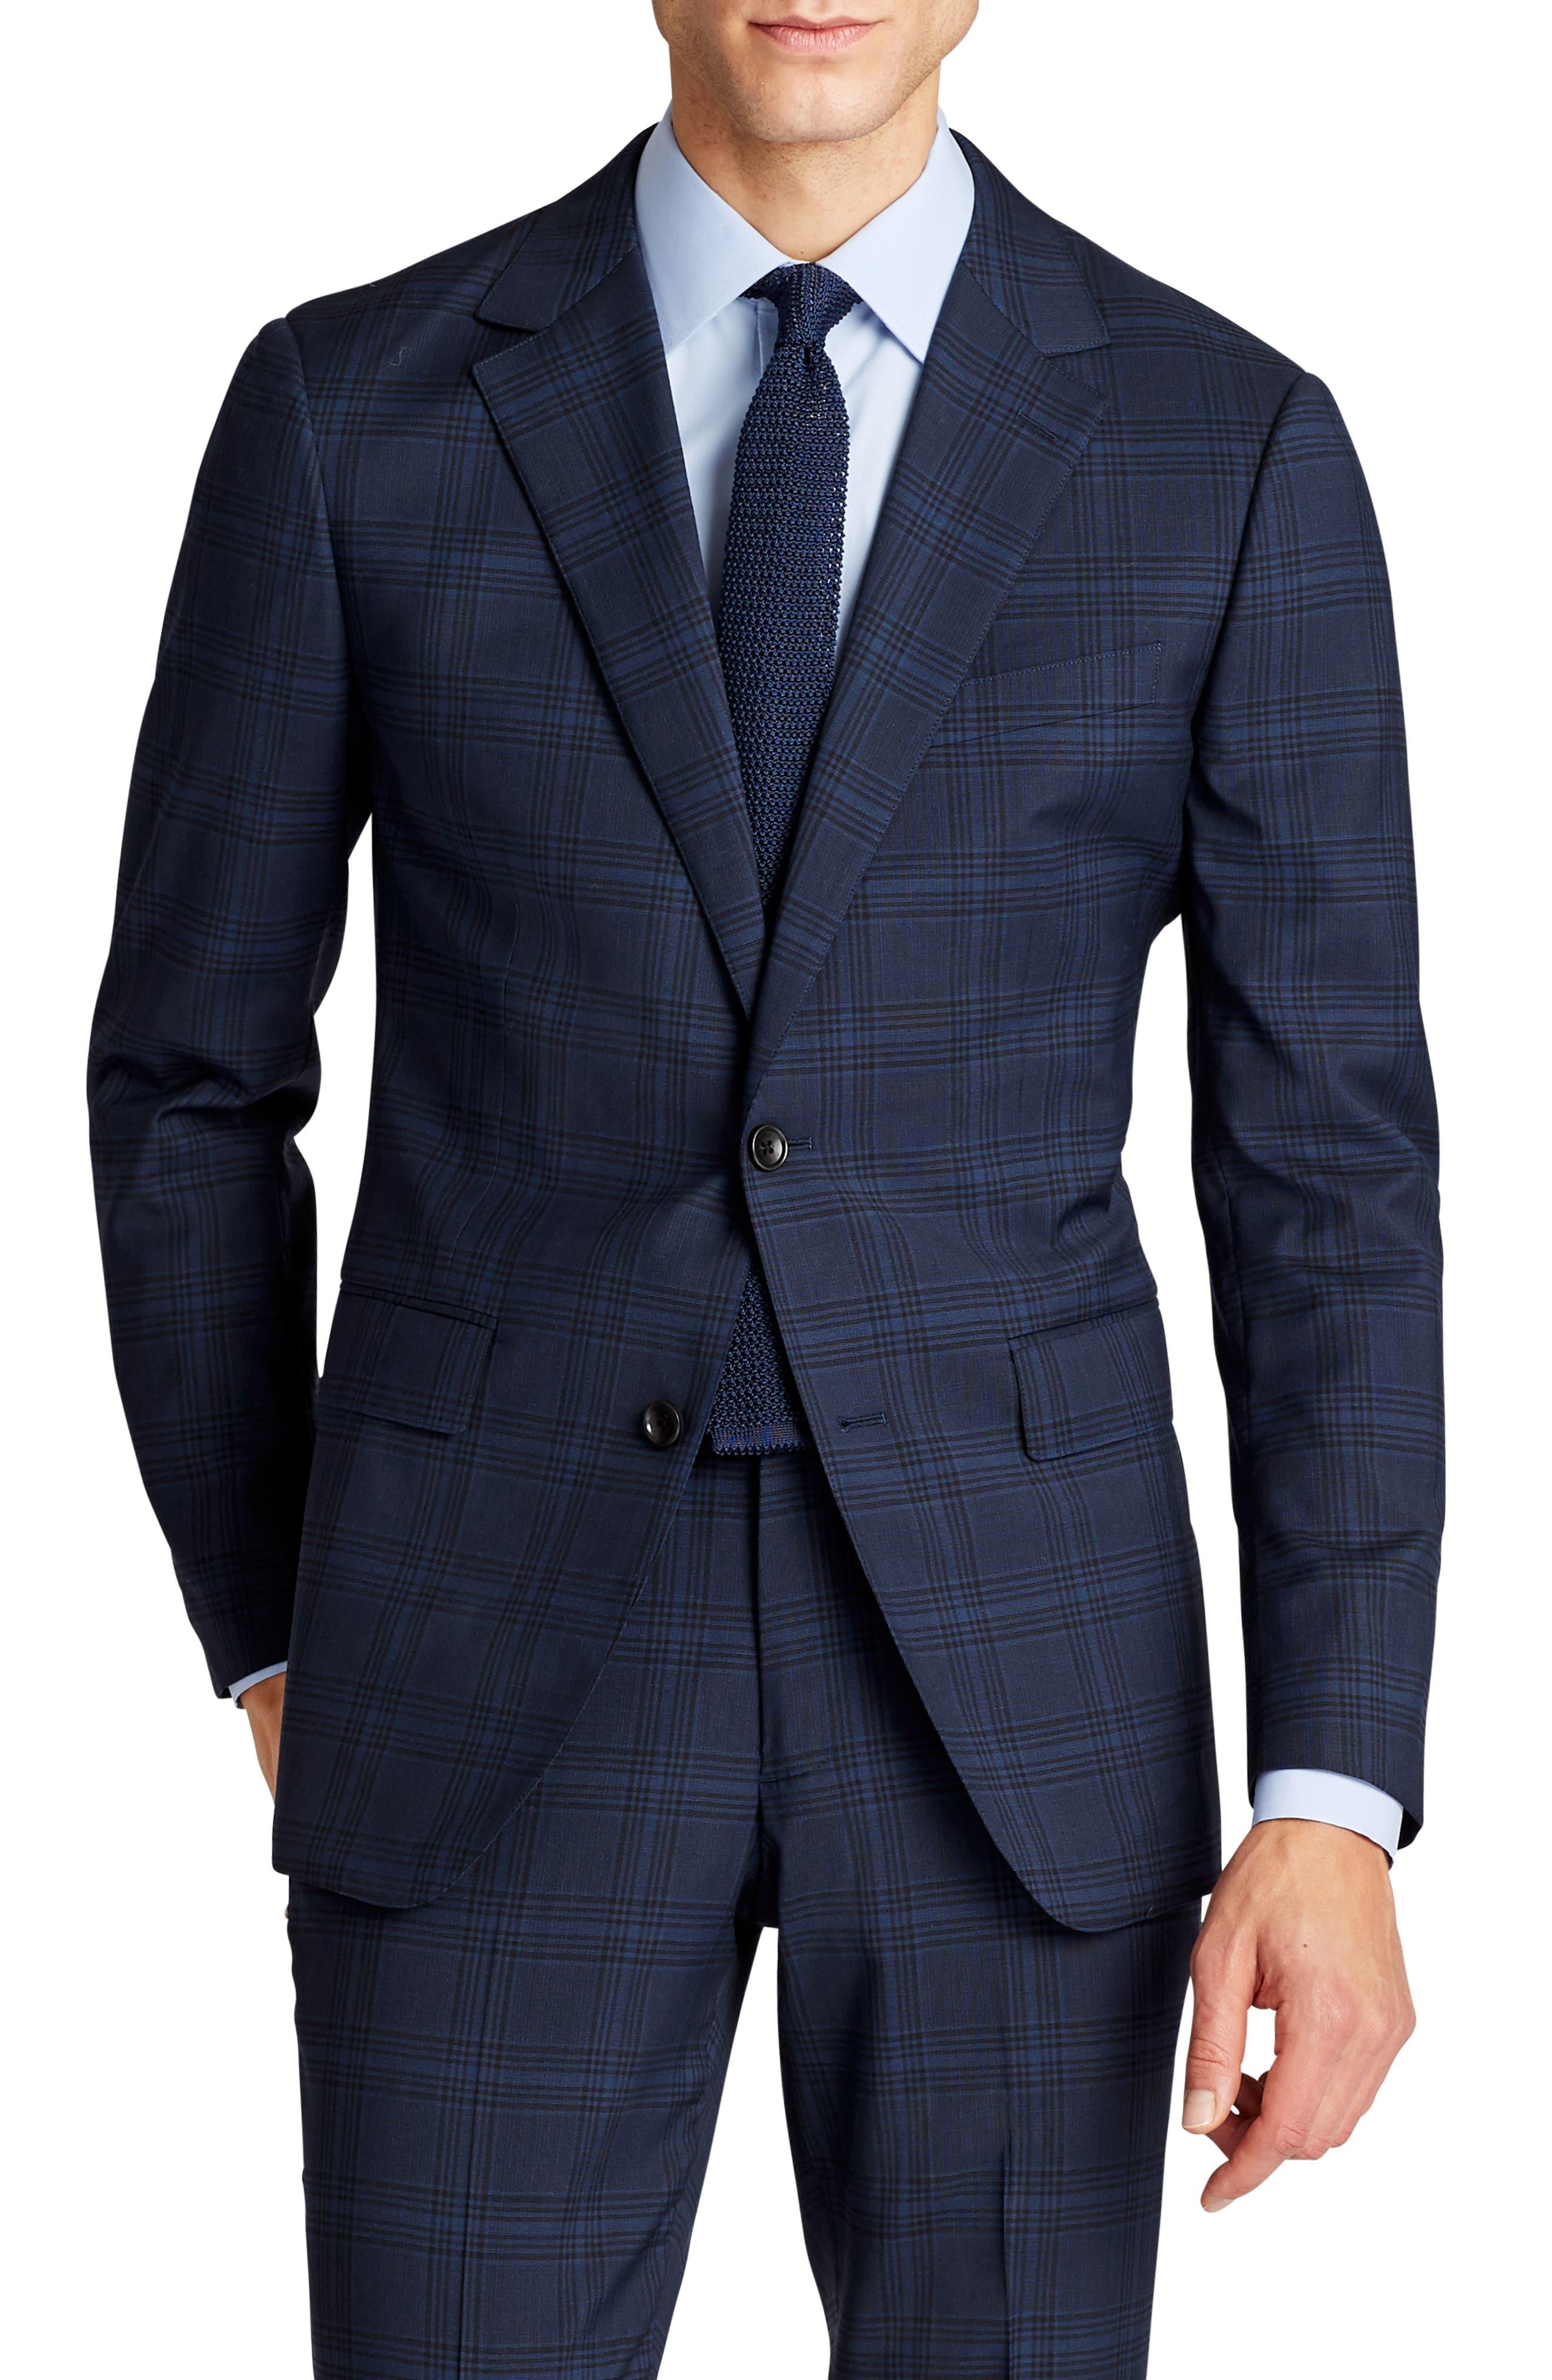 Jetsetter Trim Fit Stretch Plaid Wool Blend Suit Jacket,                         Main,                         color, Navy Plaid